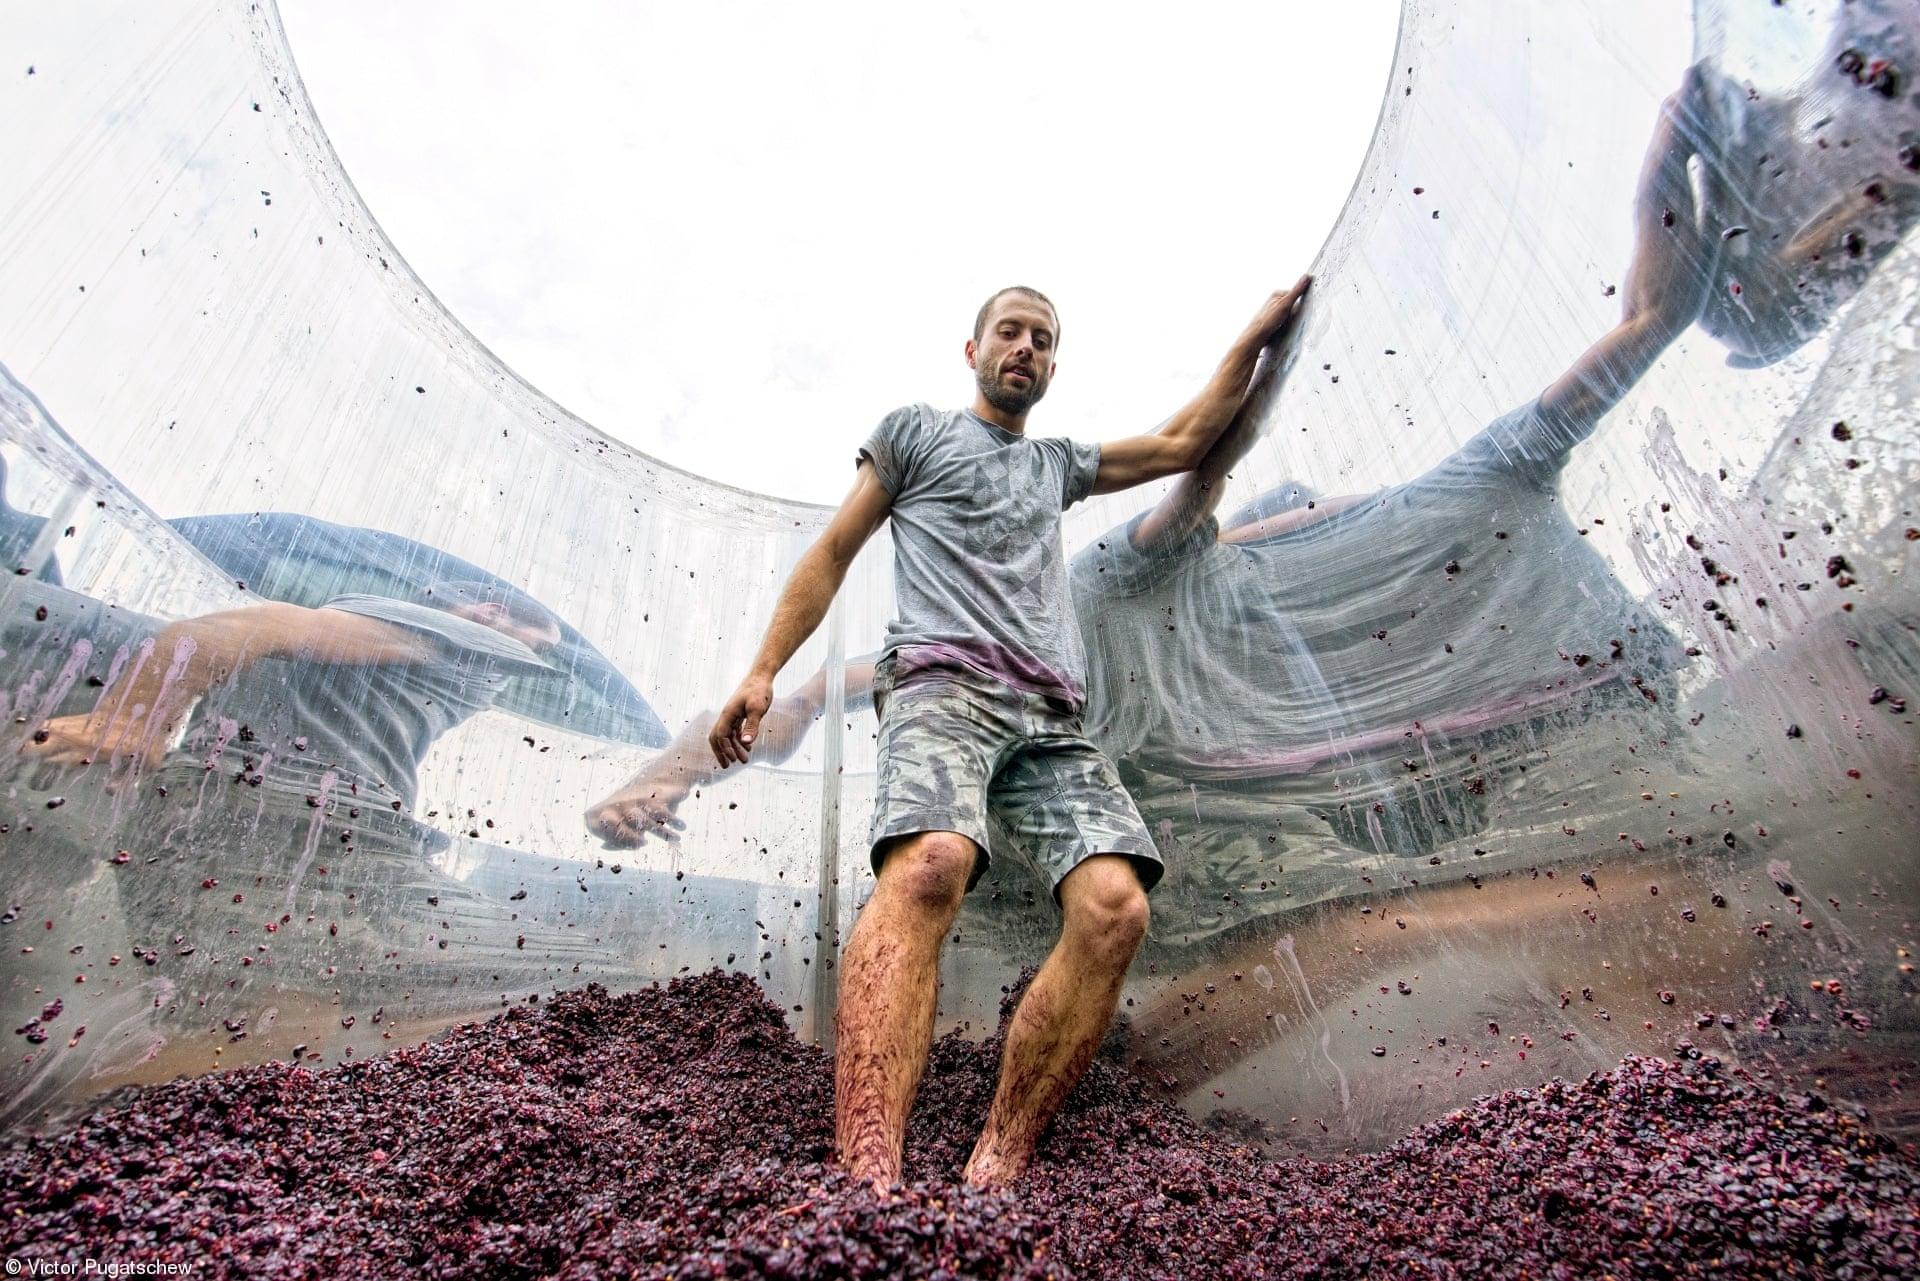 «Errazuriz People: Πατώντας το Pinot Noir» του Βίκτορ Πούγκατσιου, Αυστραλία. Πάτημα σταφυλιών της ποικιλίας Pinot Noir στη δεξαμενή του αμπελώνα Hoddles Creek